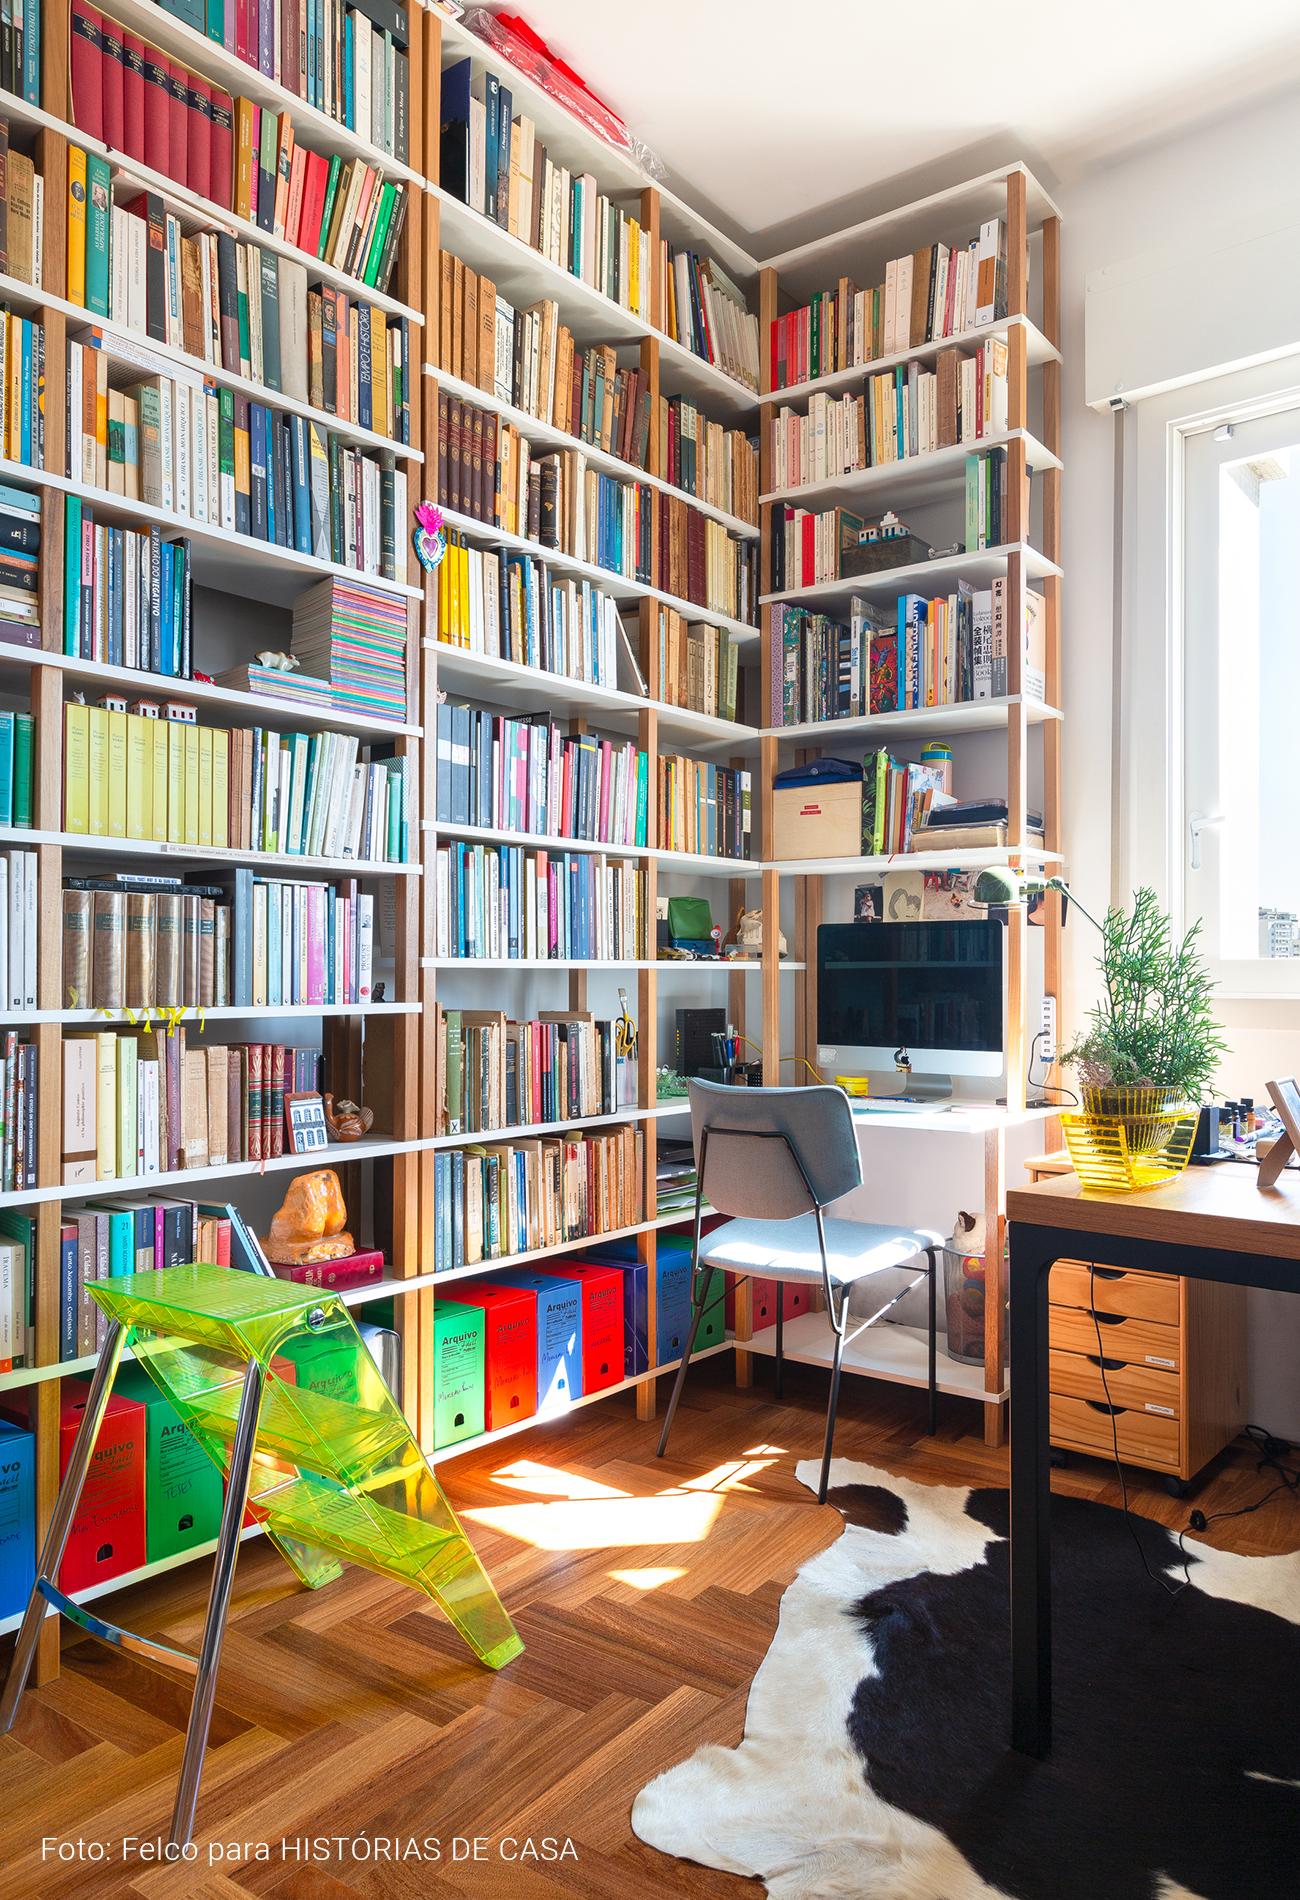 Home office com muitos livros e estantes